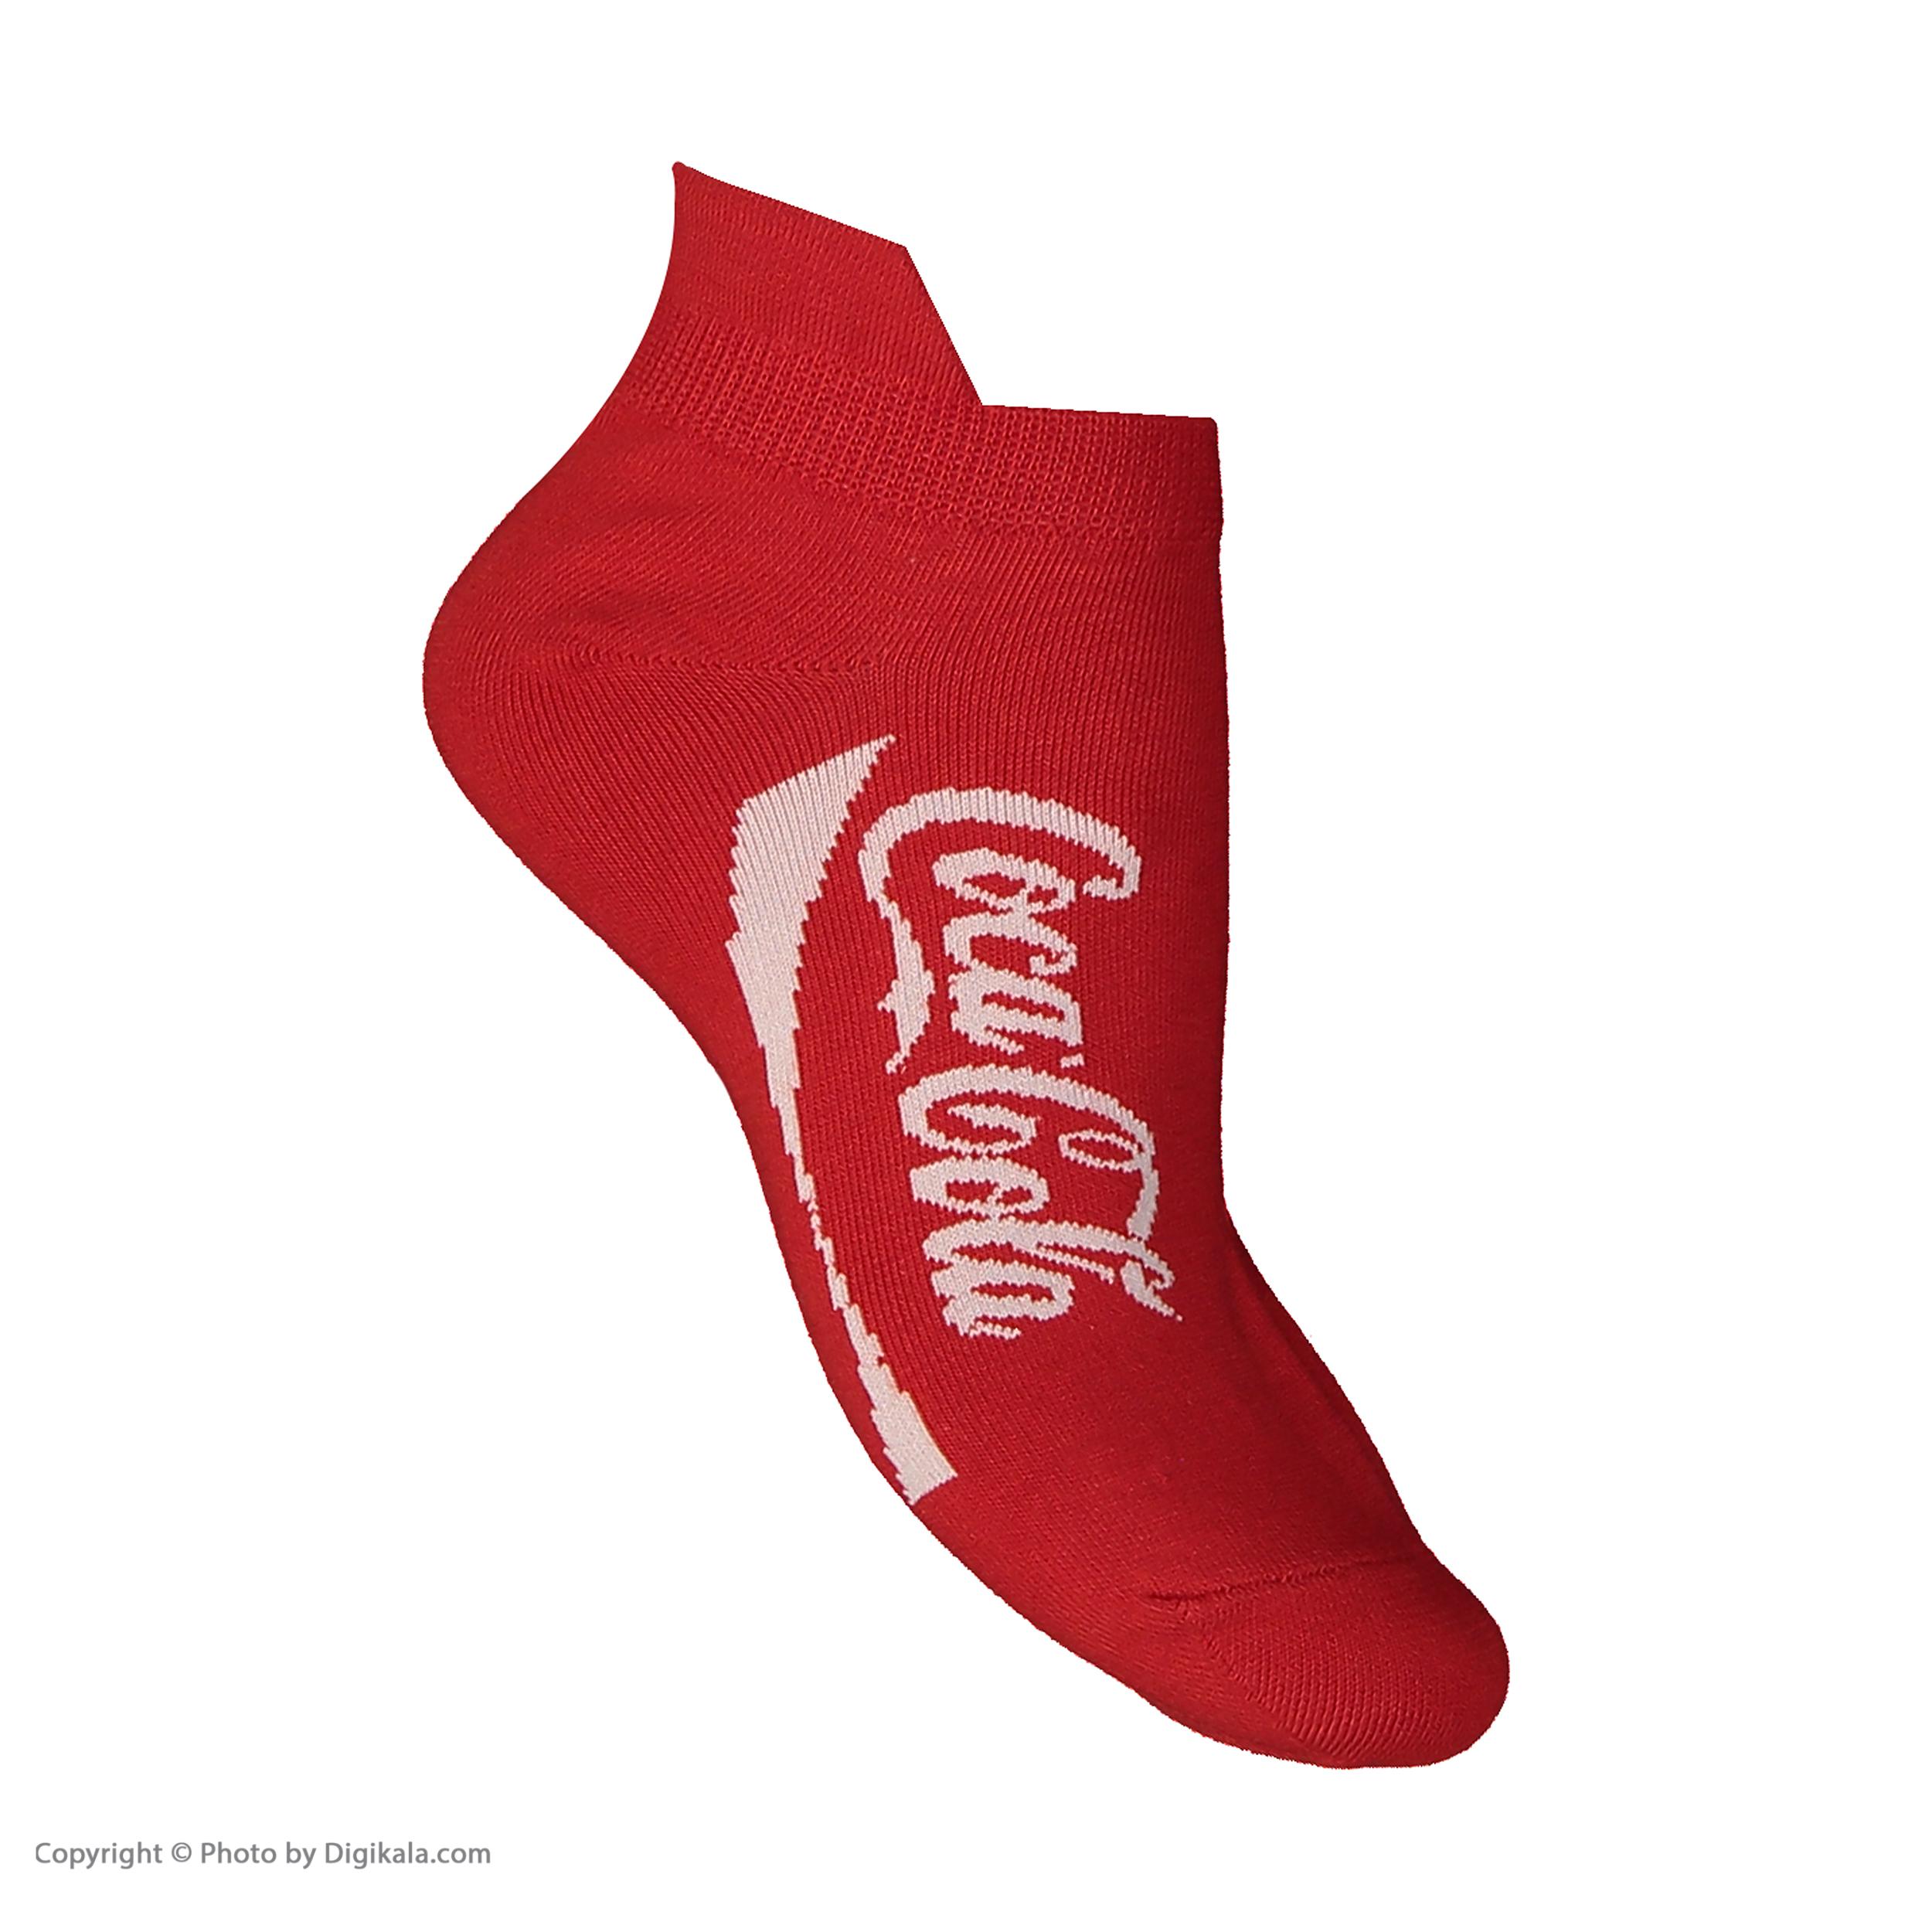 جوراب پاتریس طرح کوکاکولا مدل 2271165-72 thumb 2